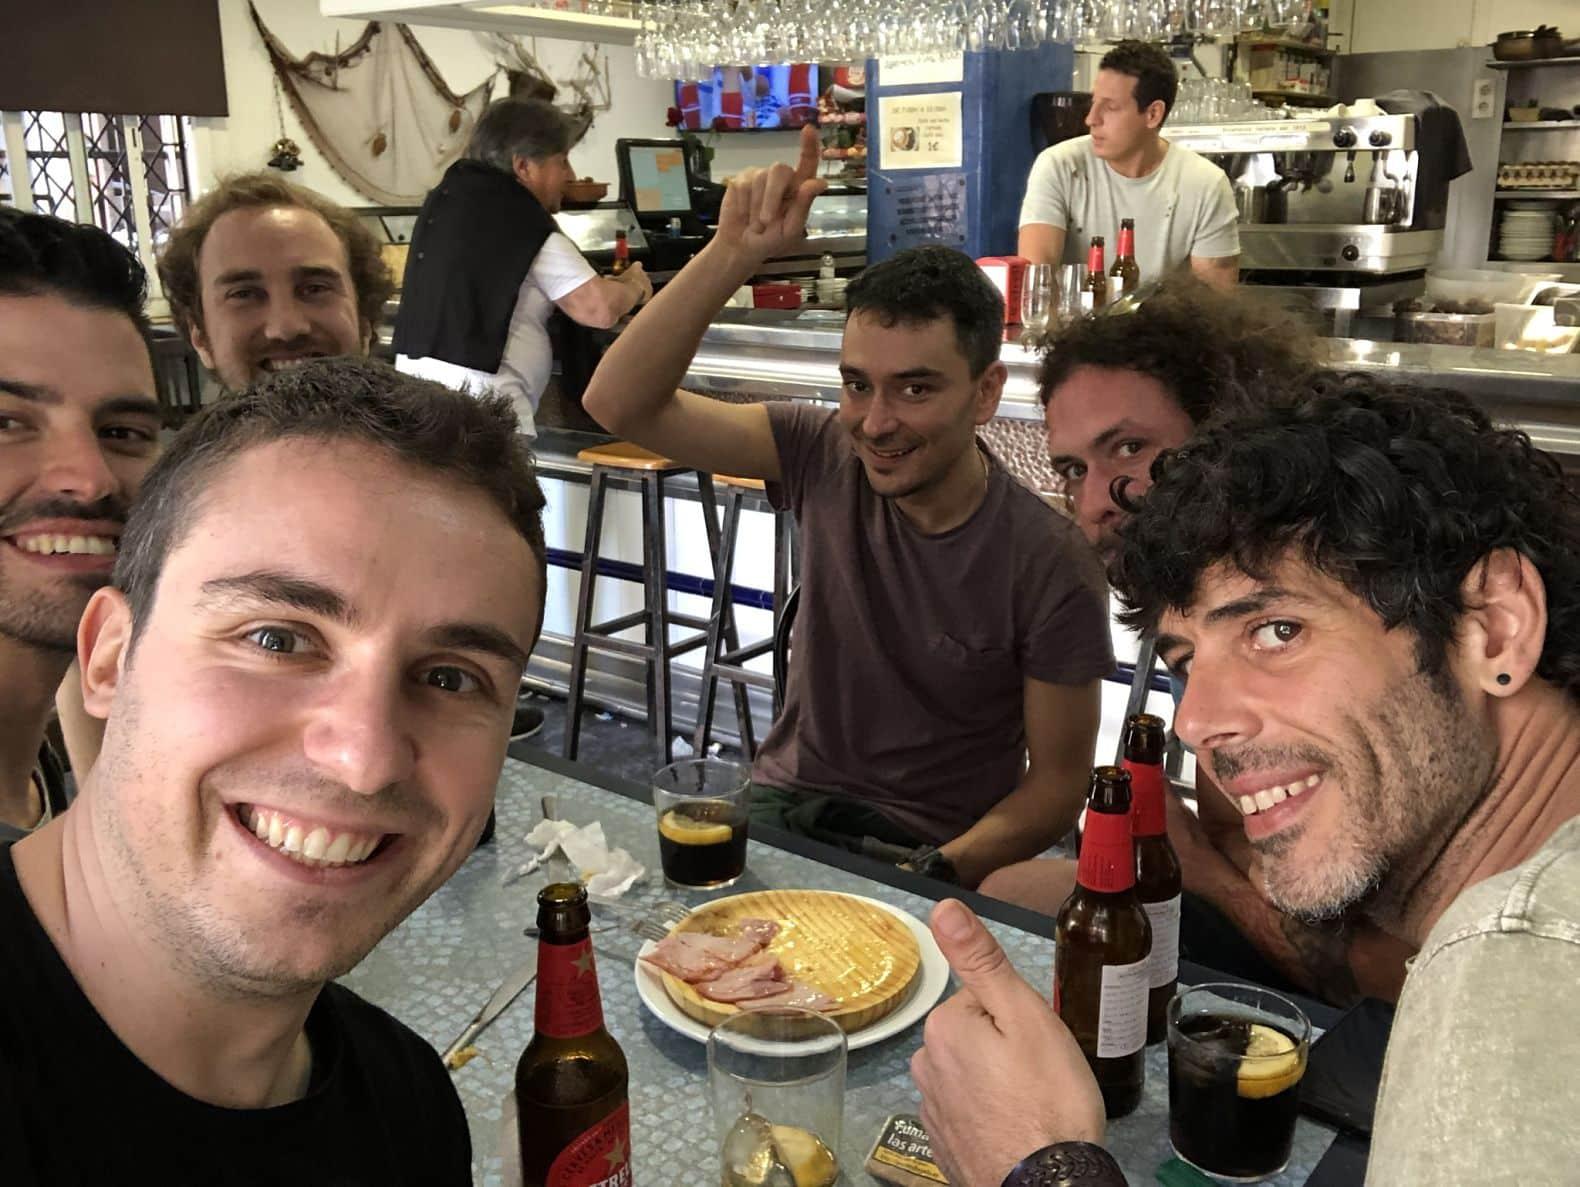 Abril de 2018. Em um bar em Barceloneta